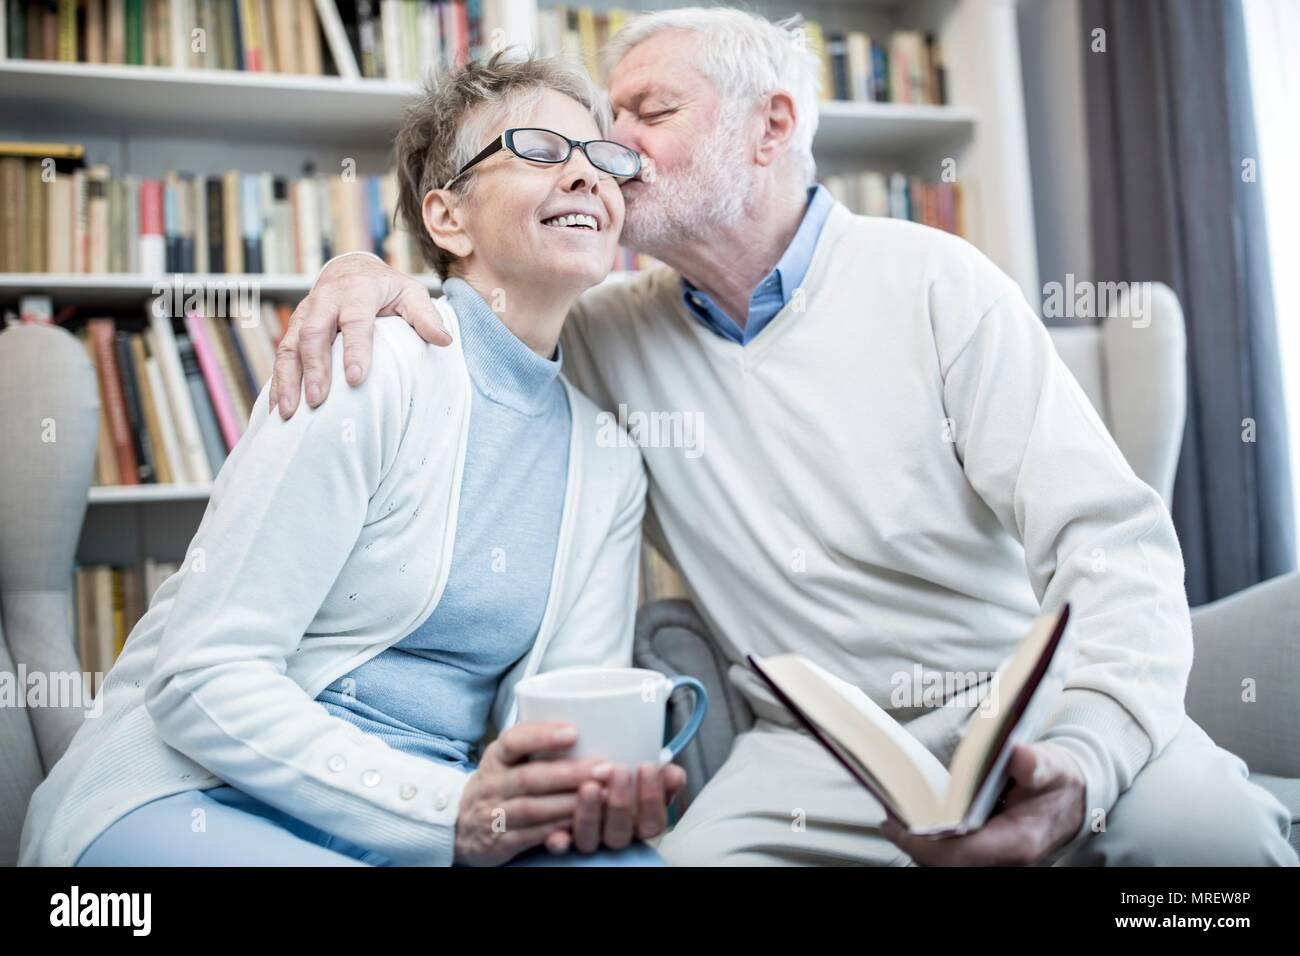 Senior mujer hombre bese en la mejilla con brazo alrededor de ella. Imagen De Stock